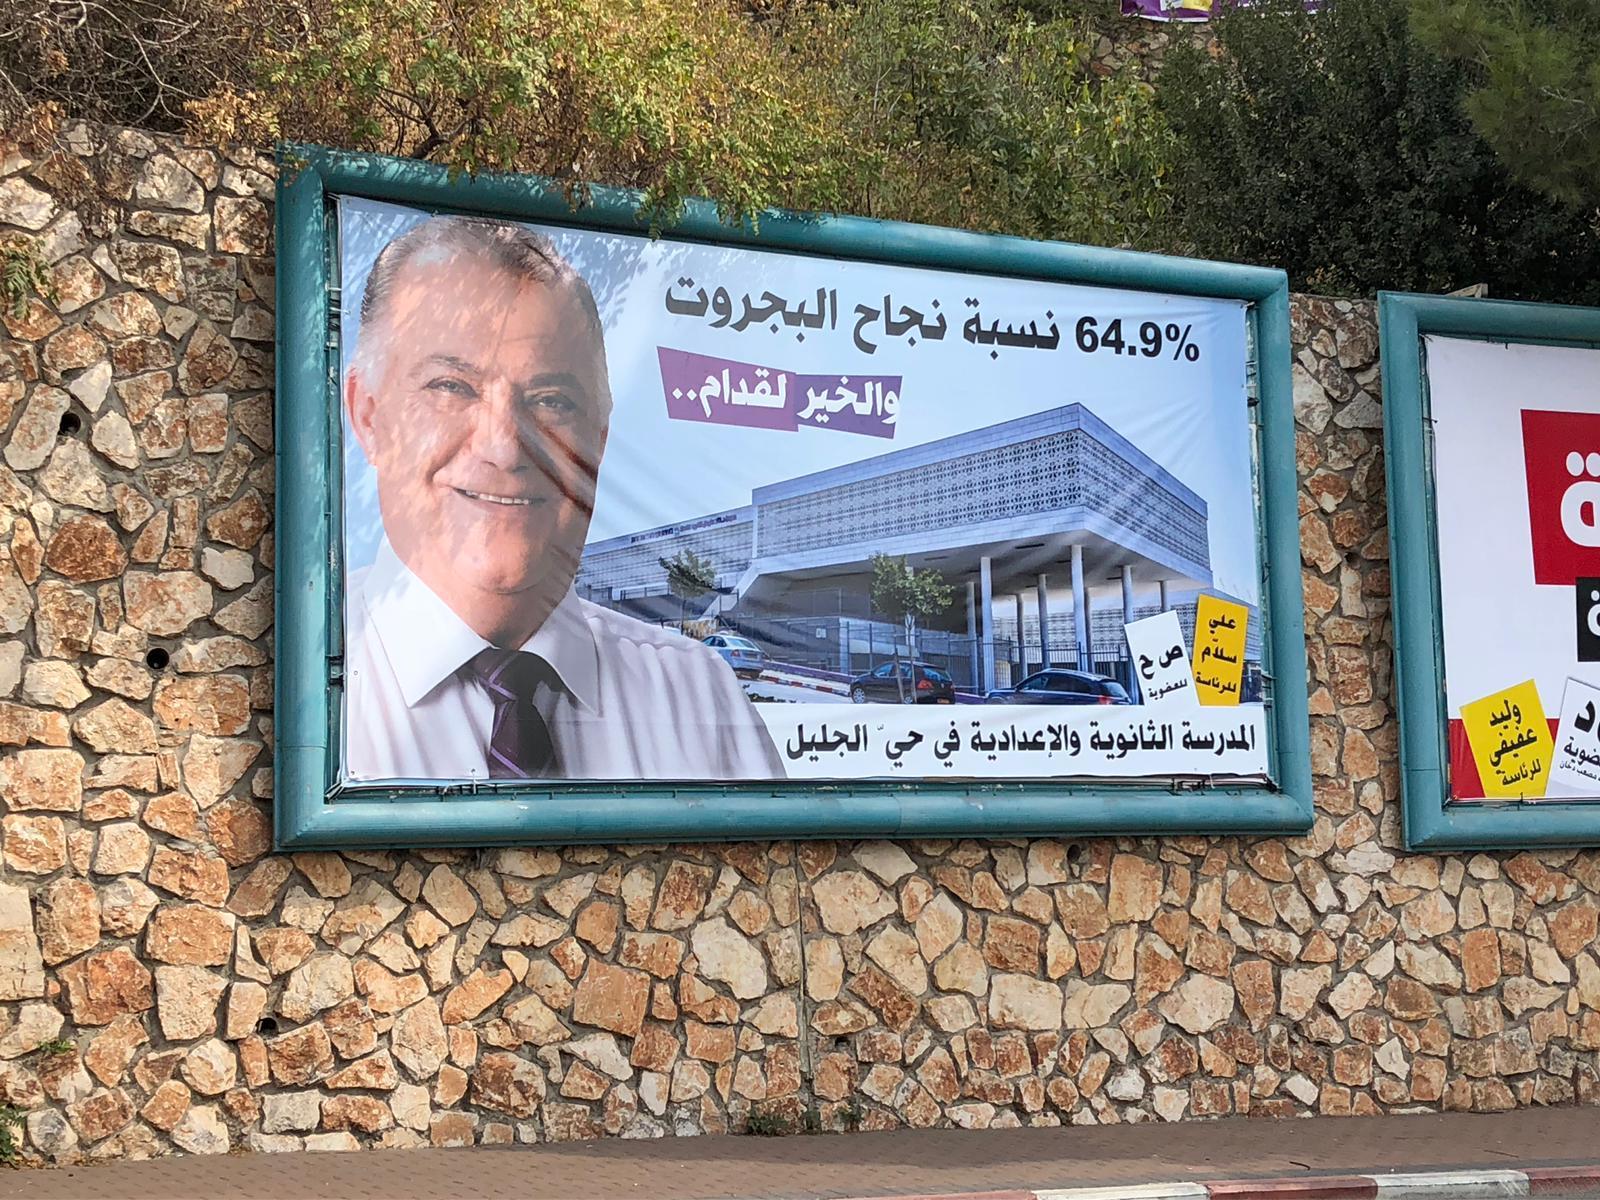 """حرب اللافتات الانتخابية في الناصرة: """"طالعة"""" إلى أين؟"""